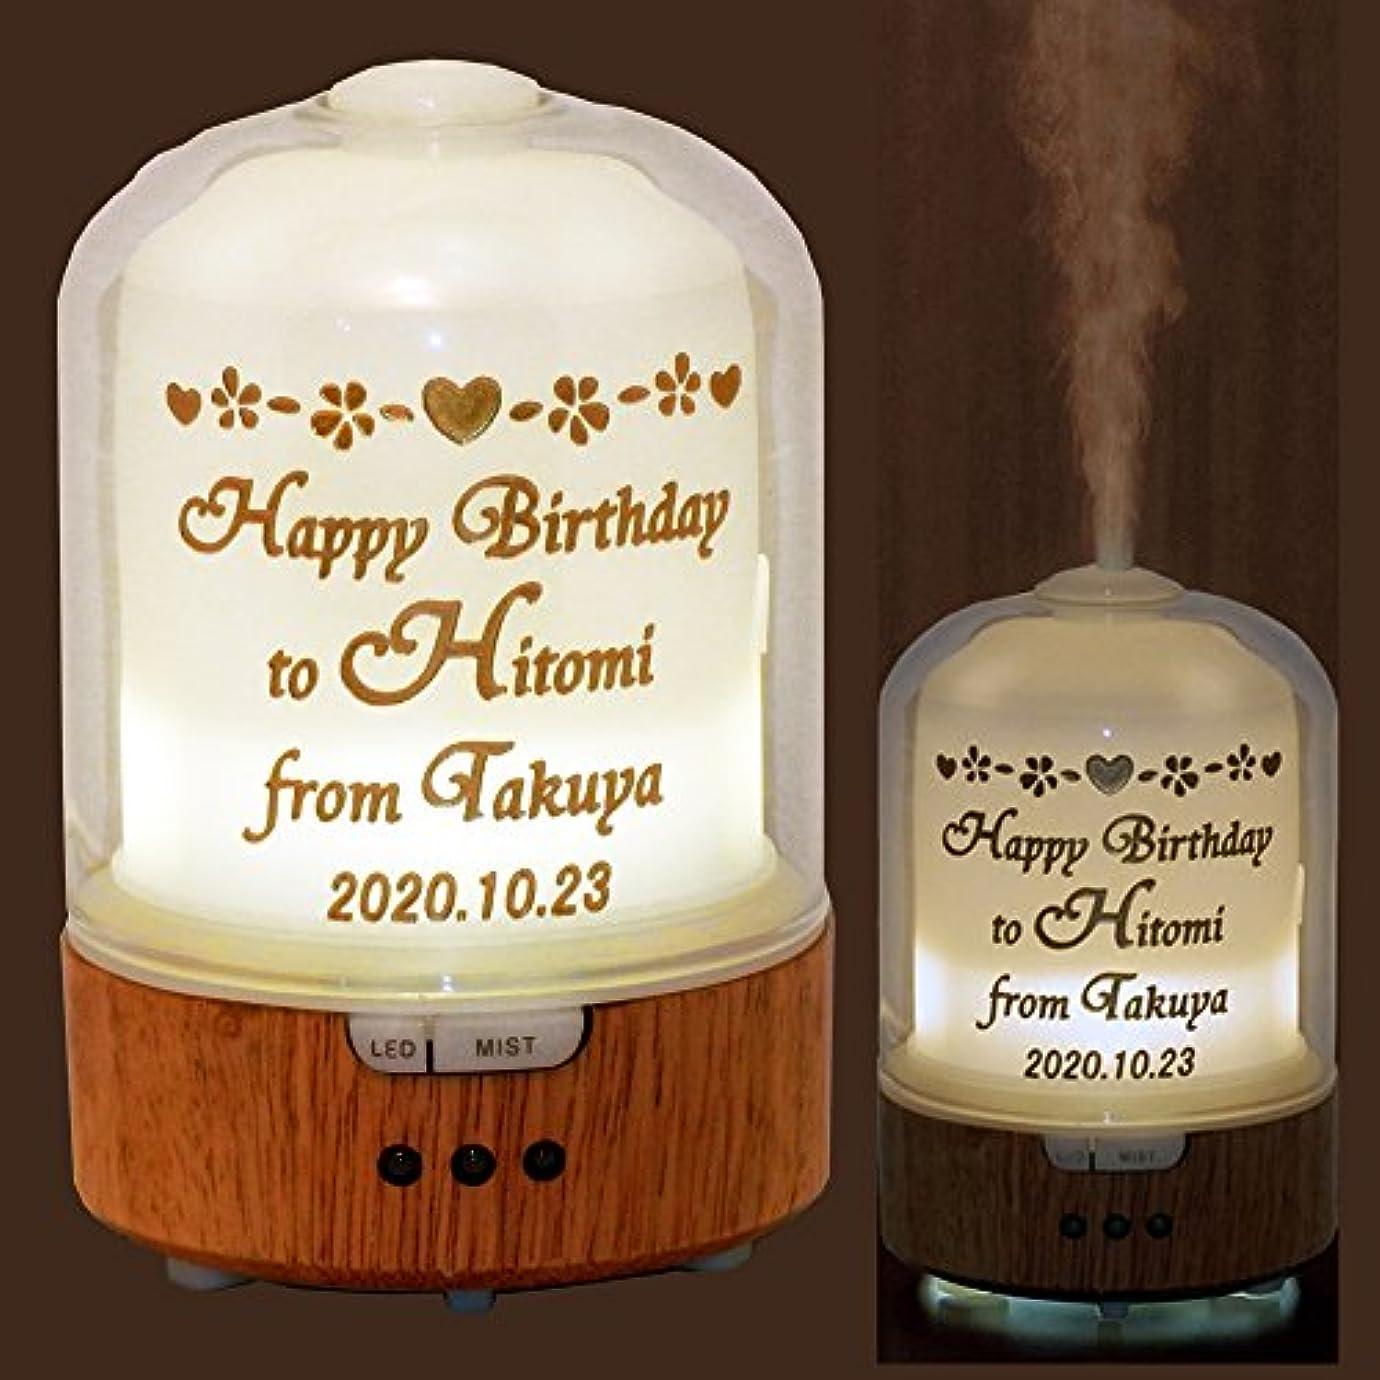 出撃者受け入れるクリーク名入れ 名前 アロマディフューザー 加湿器 超音波式 還暦 誕生日 母の日 女性プレゼント